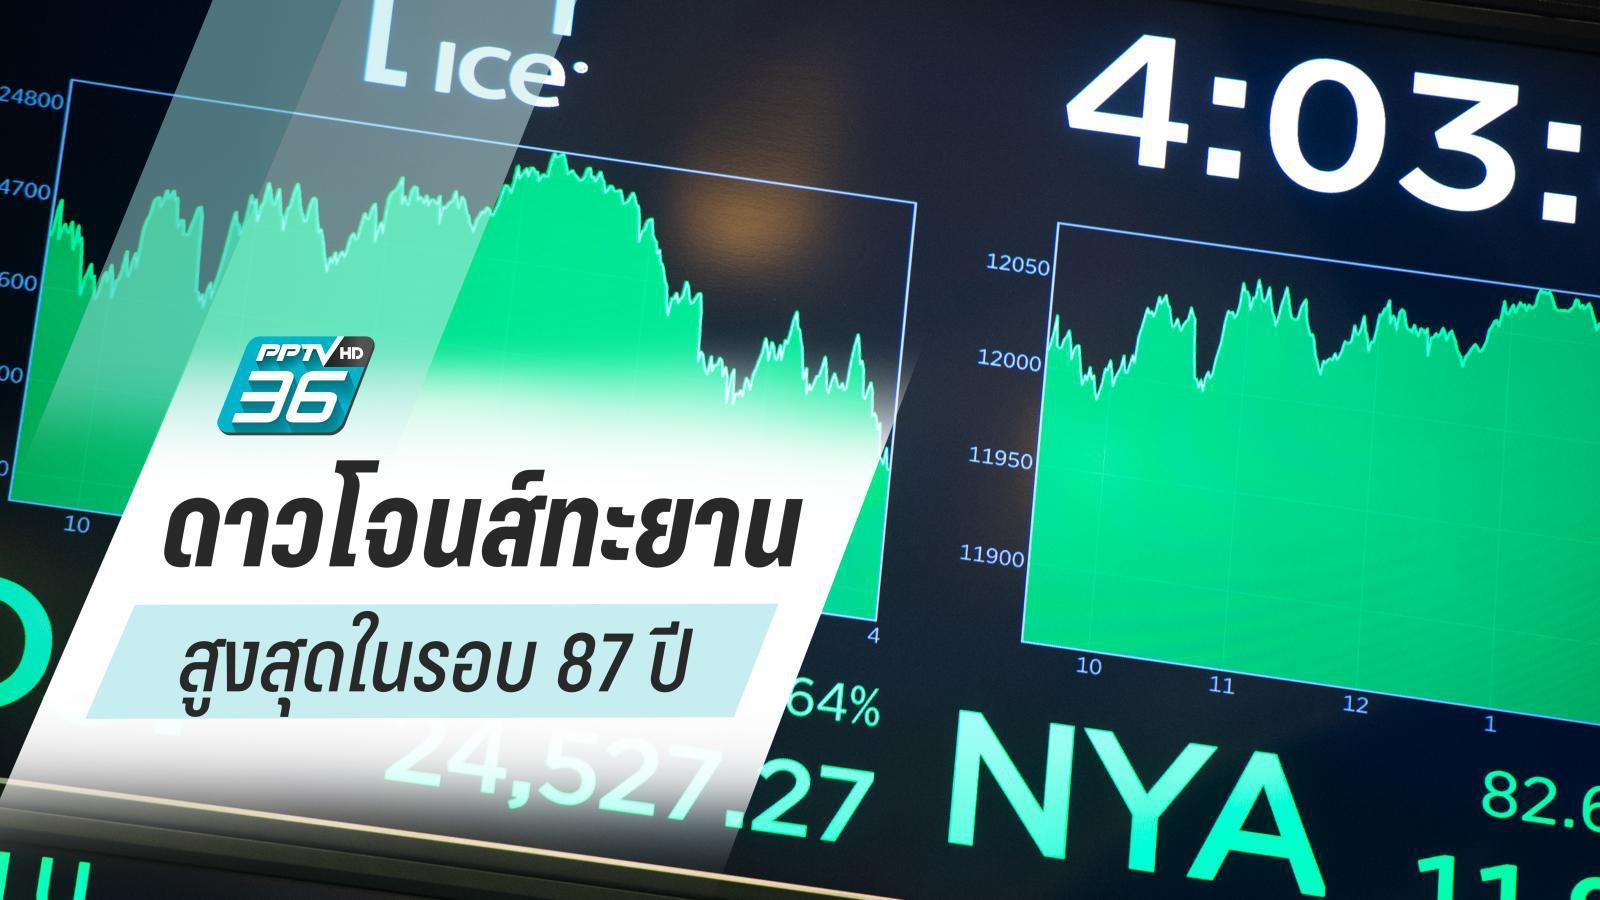 หุ้นไทยเคลื่อนไหวแดนบวกตลอดทั้งวัน แรงหนุนจากปัจจัยในและนอกประเทศ